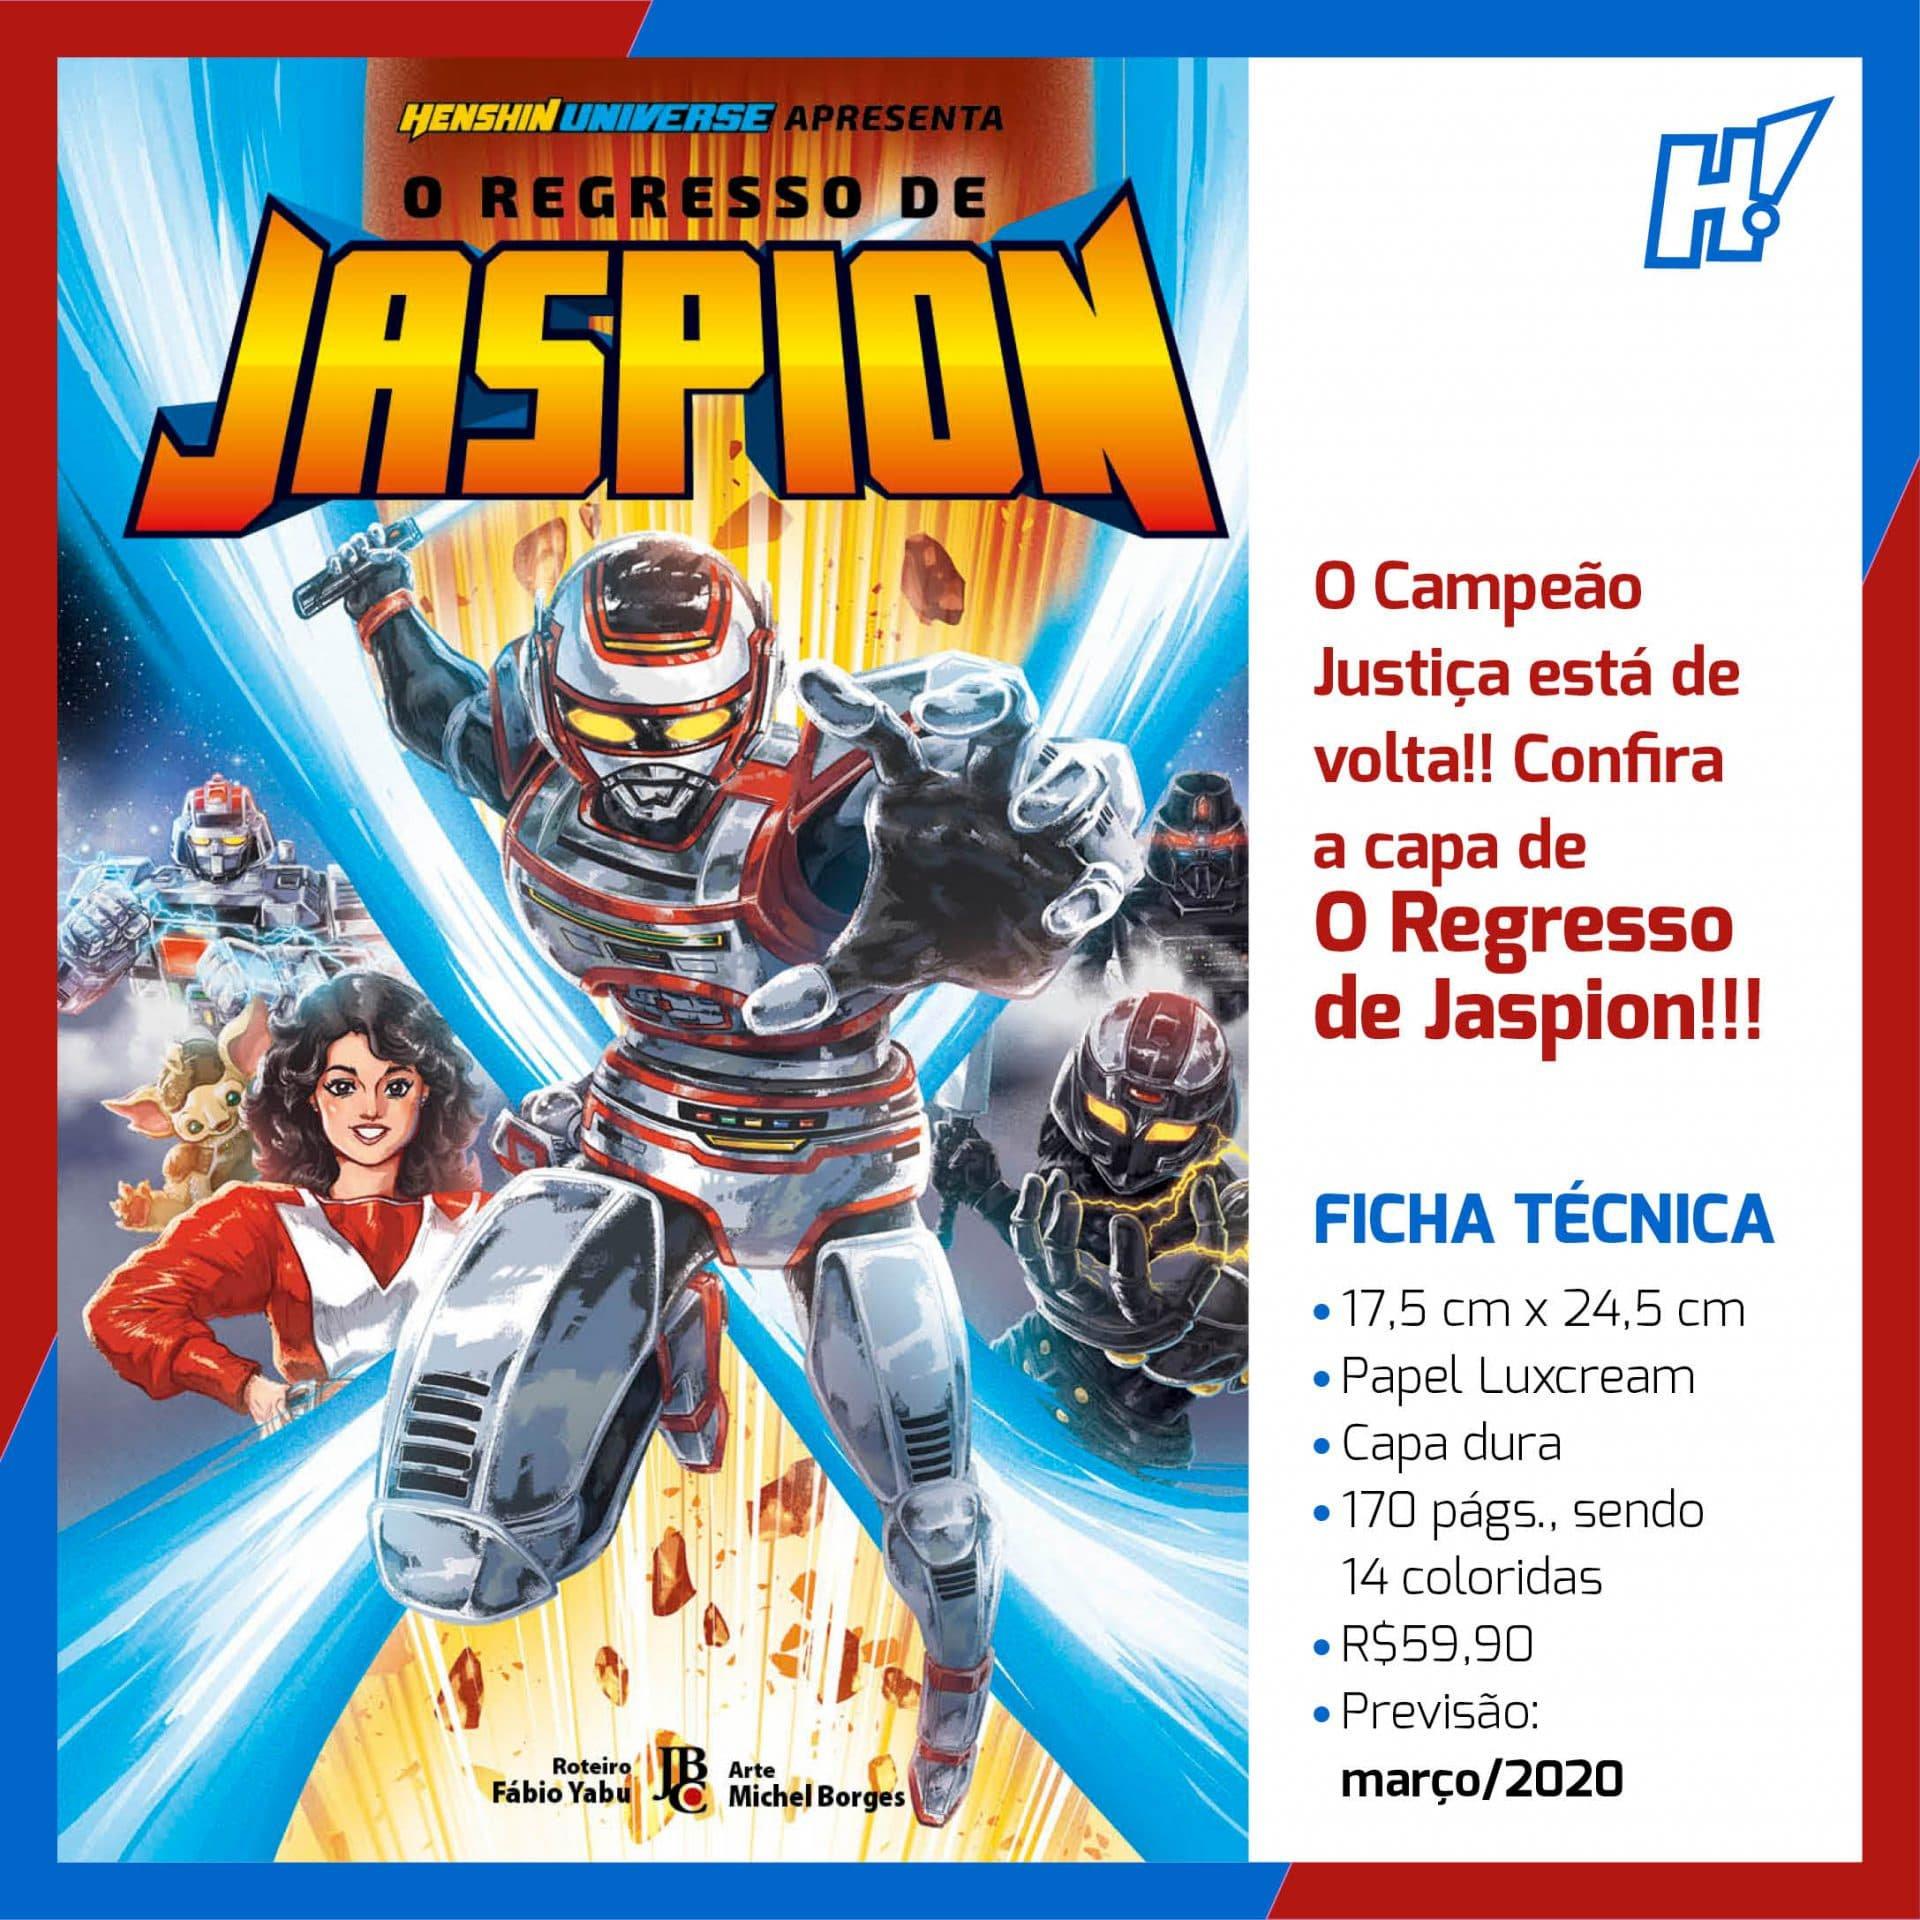 O Regresso de Jaspion | Manga brasileiro do herói ganha capa